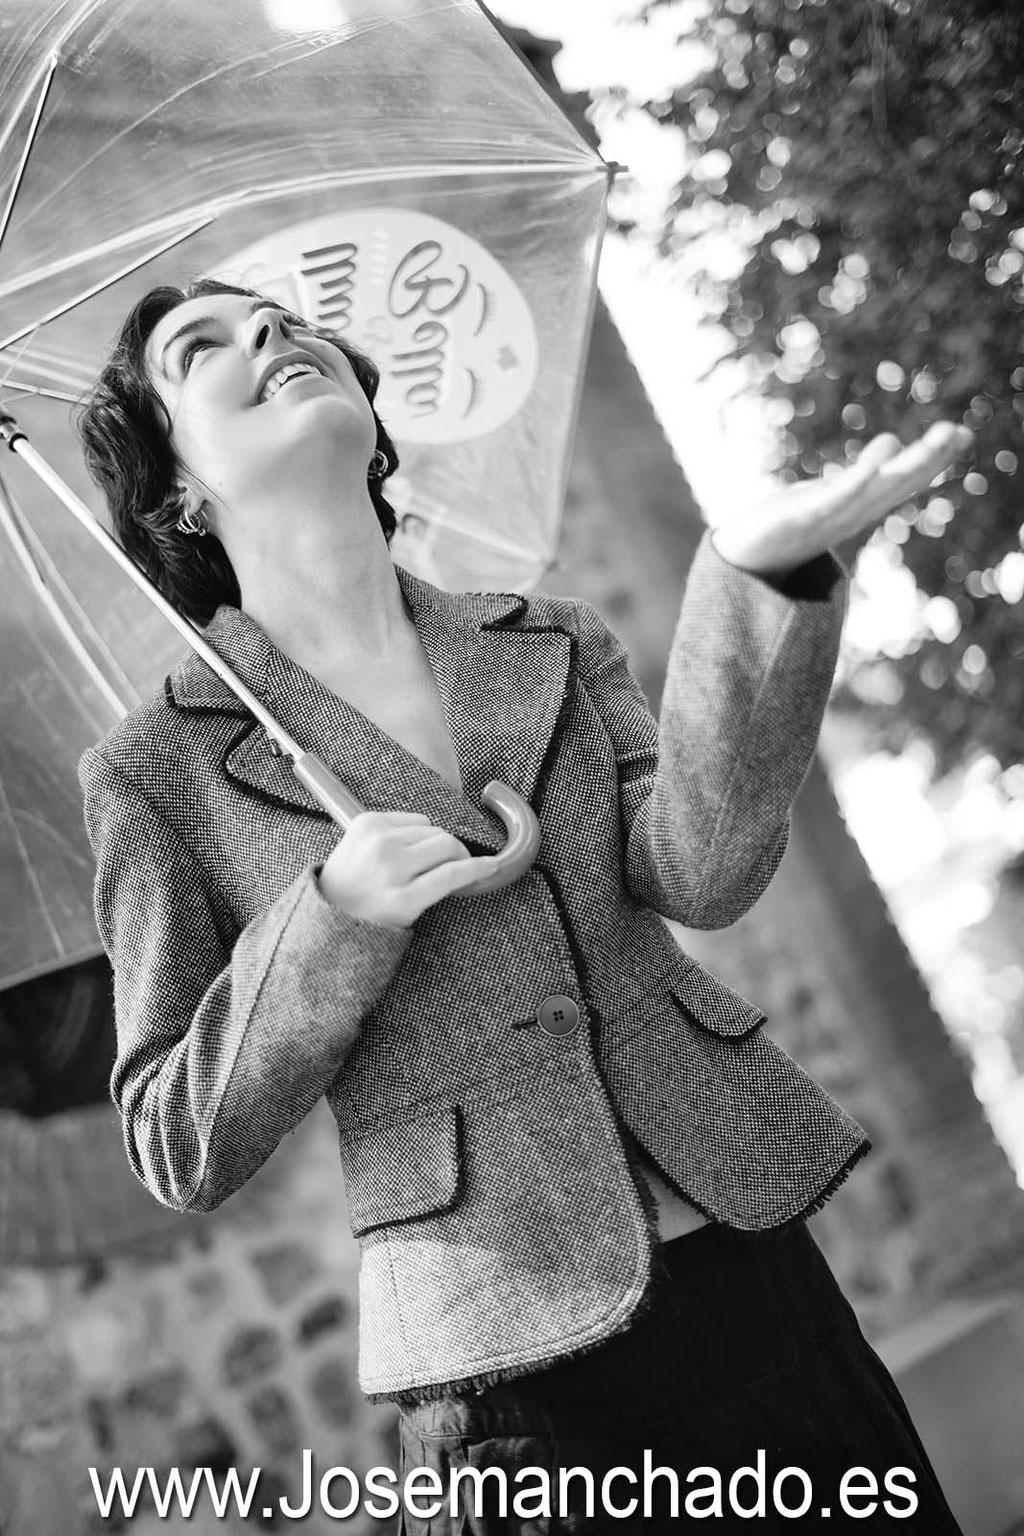 cosplay amelie, amelie, amelie poulain, Le fabuleux destin d'Amélie Poulain, El fabuloso destino de Amélie Poulain, josemanchado amelie, fotografo cosplay